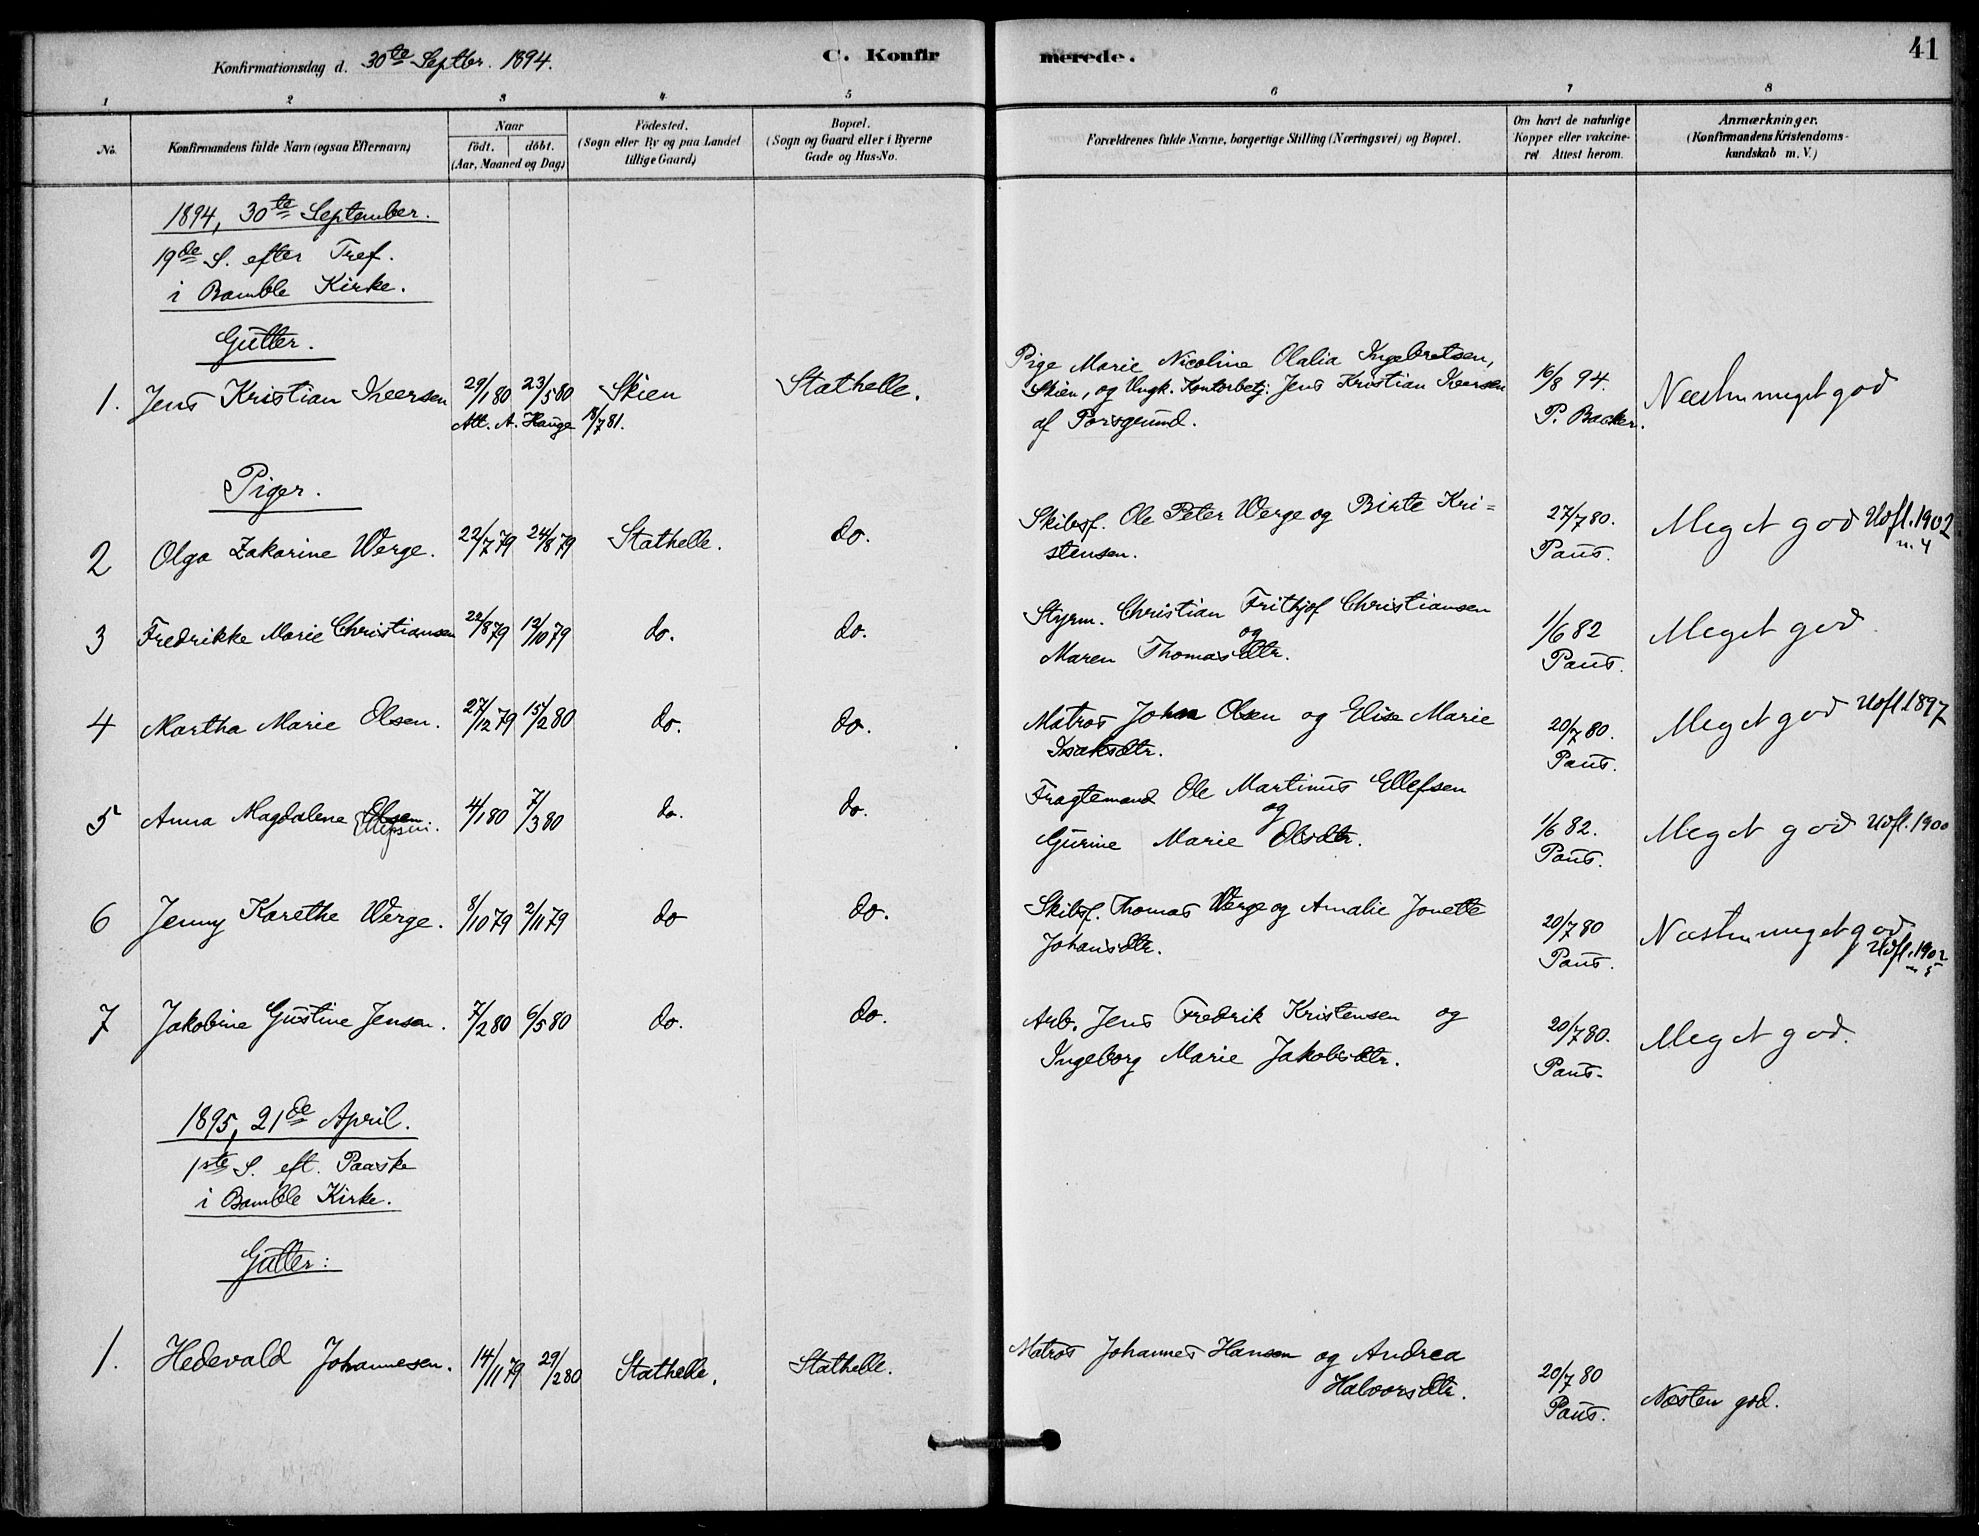 SAKO, Bamble kirkebøker, G/Gb/L0001: Klokkerbok nr. II 1, 1878-1900, s. 41